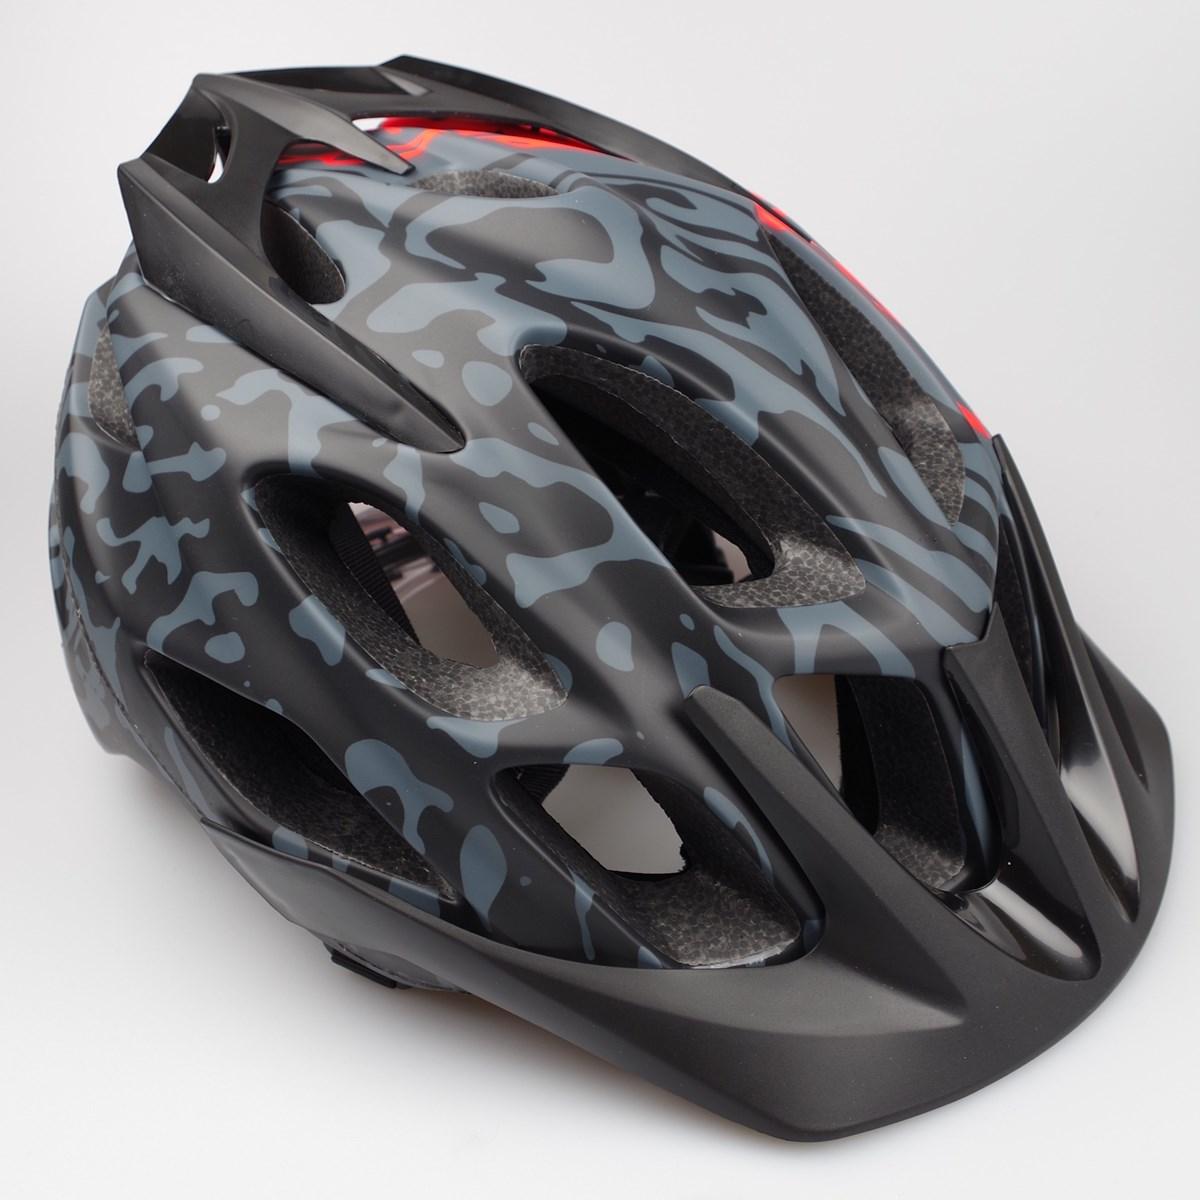 Fox Flux Helmet Grey Orange 163 70 00